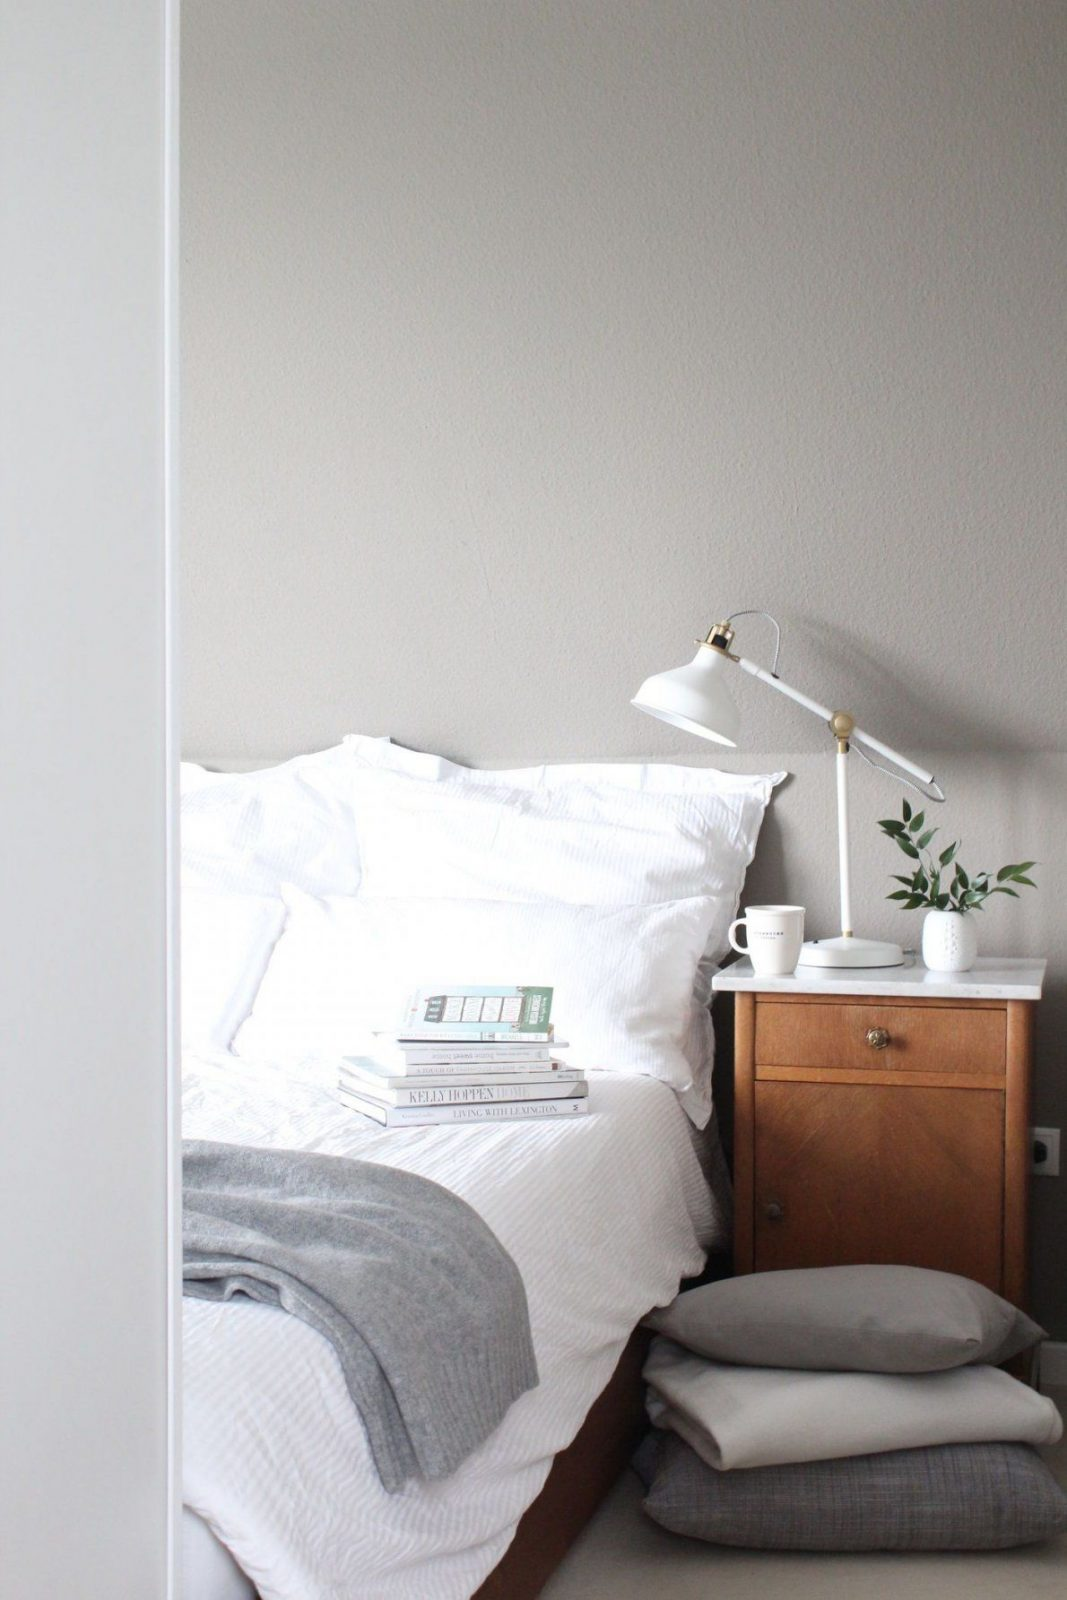 Betten Selber Bauen Die Besten Ideen Und Tipps von Bett Ideen Selber Bauen Bild